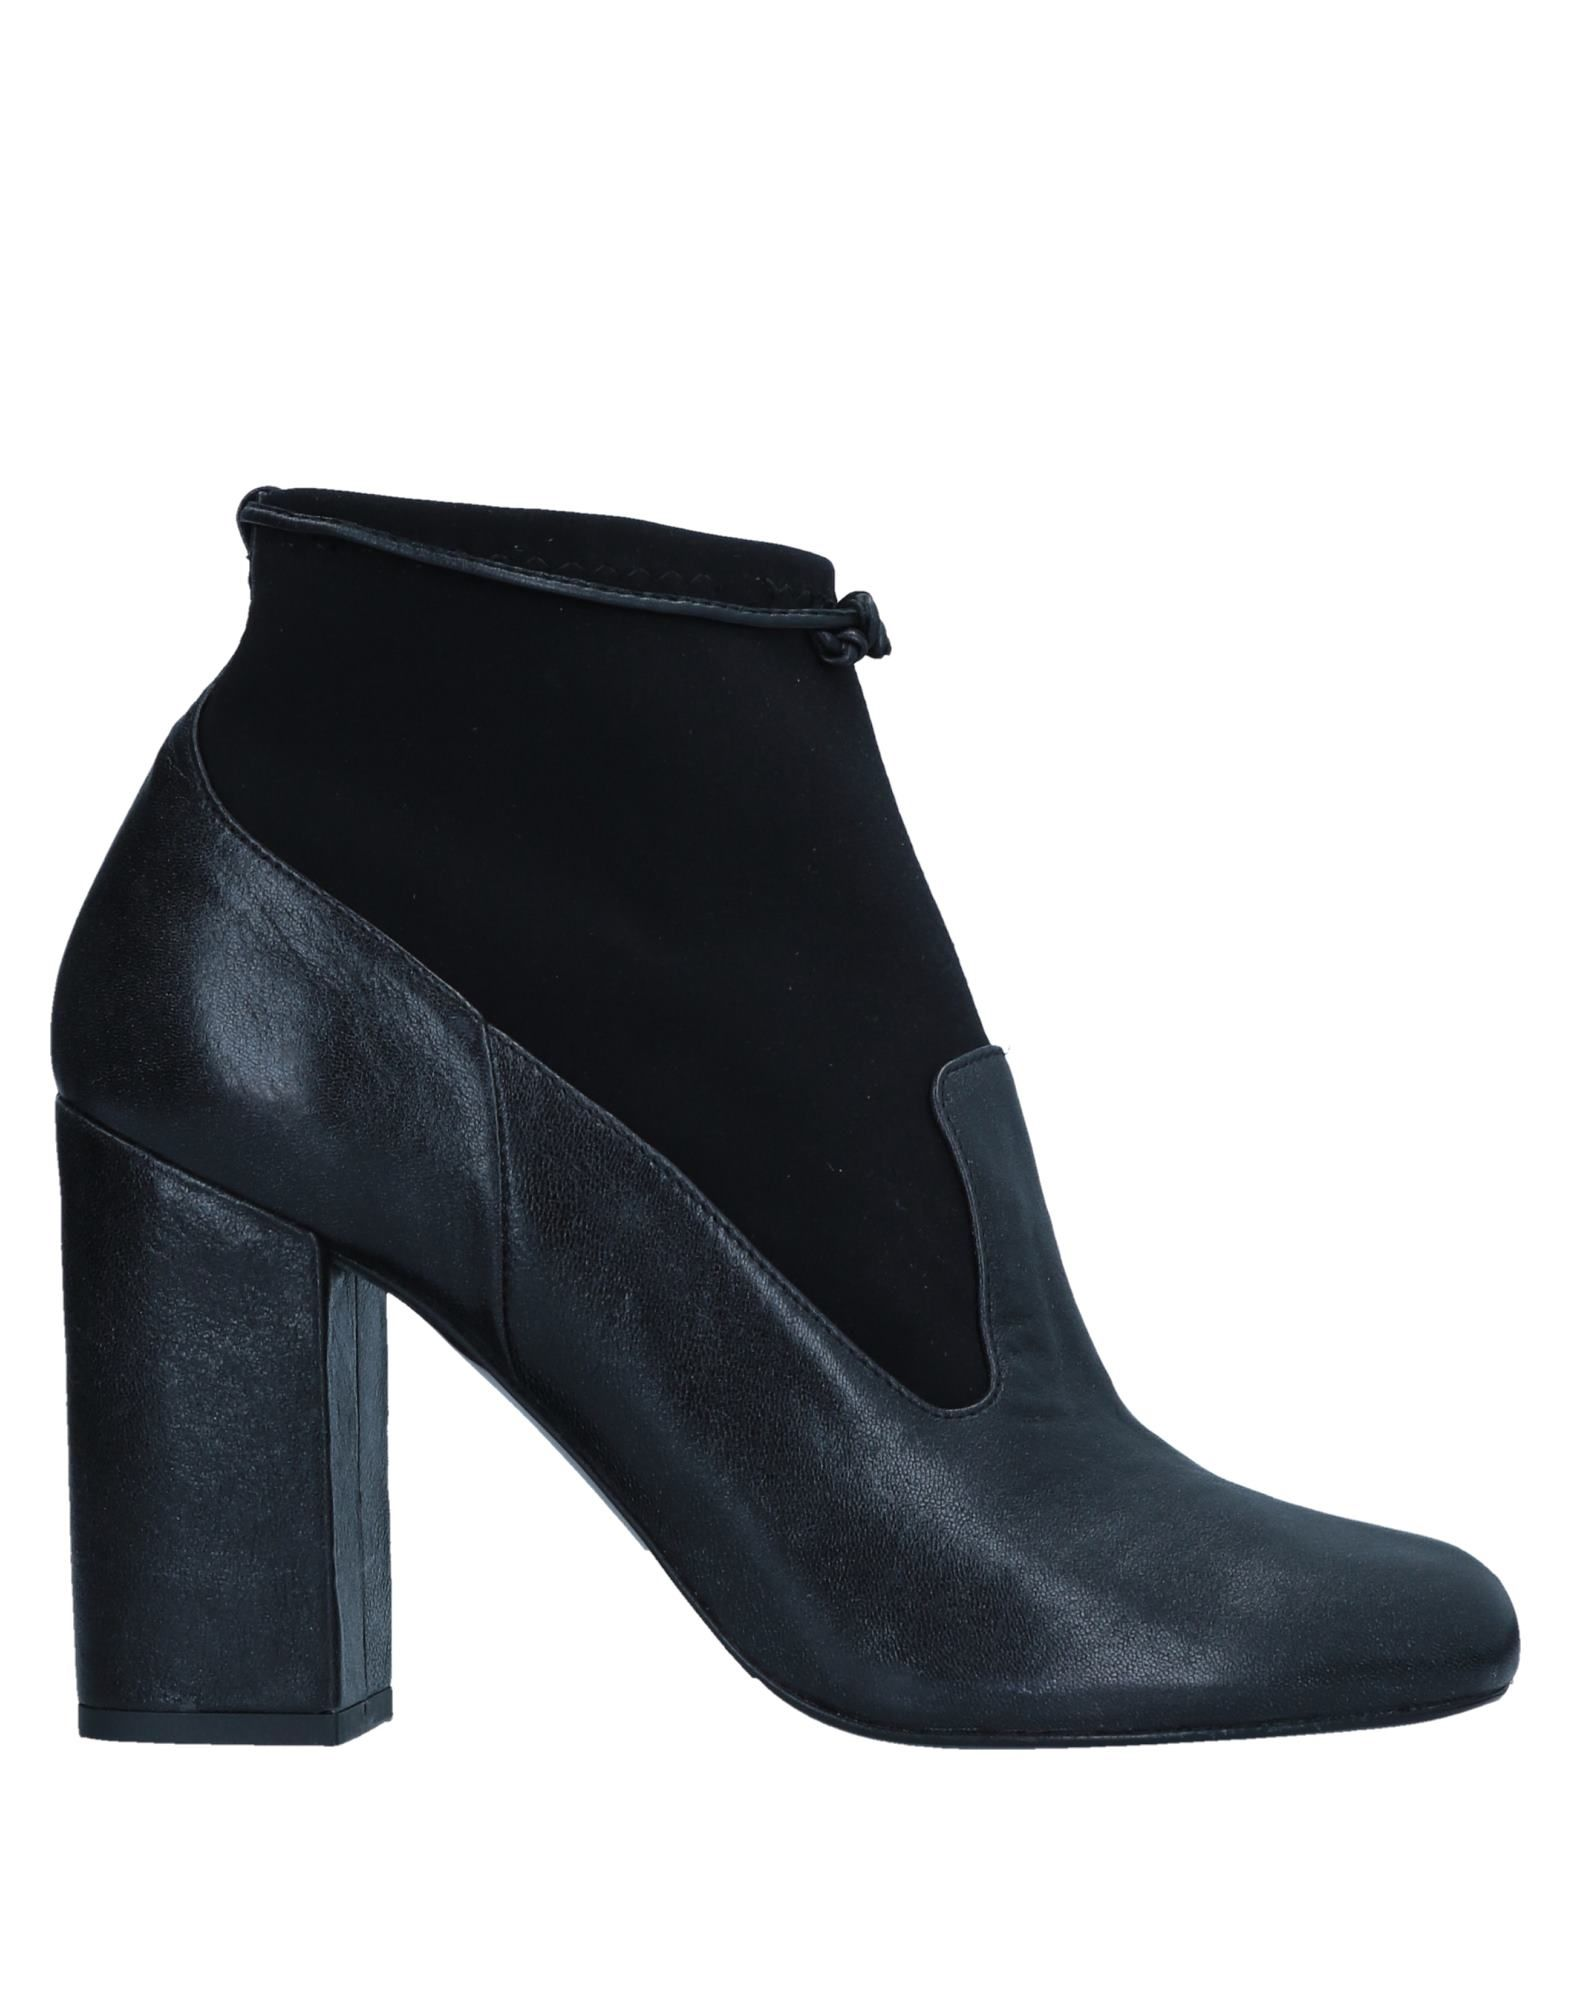 Stilvolle billige Schuhe Stiefelette Me+ By Marc Ellis Stiefelette Schuhe Damen  11524878JI 90b5fa